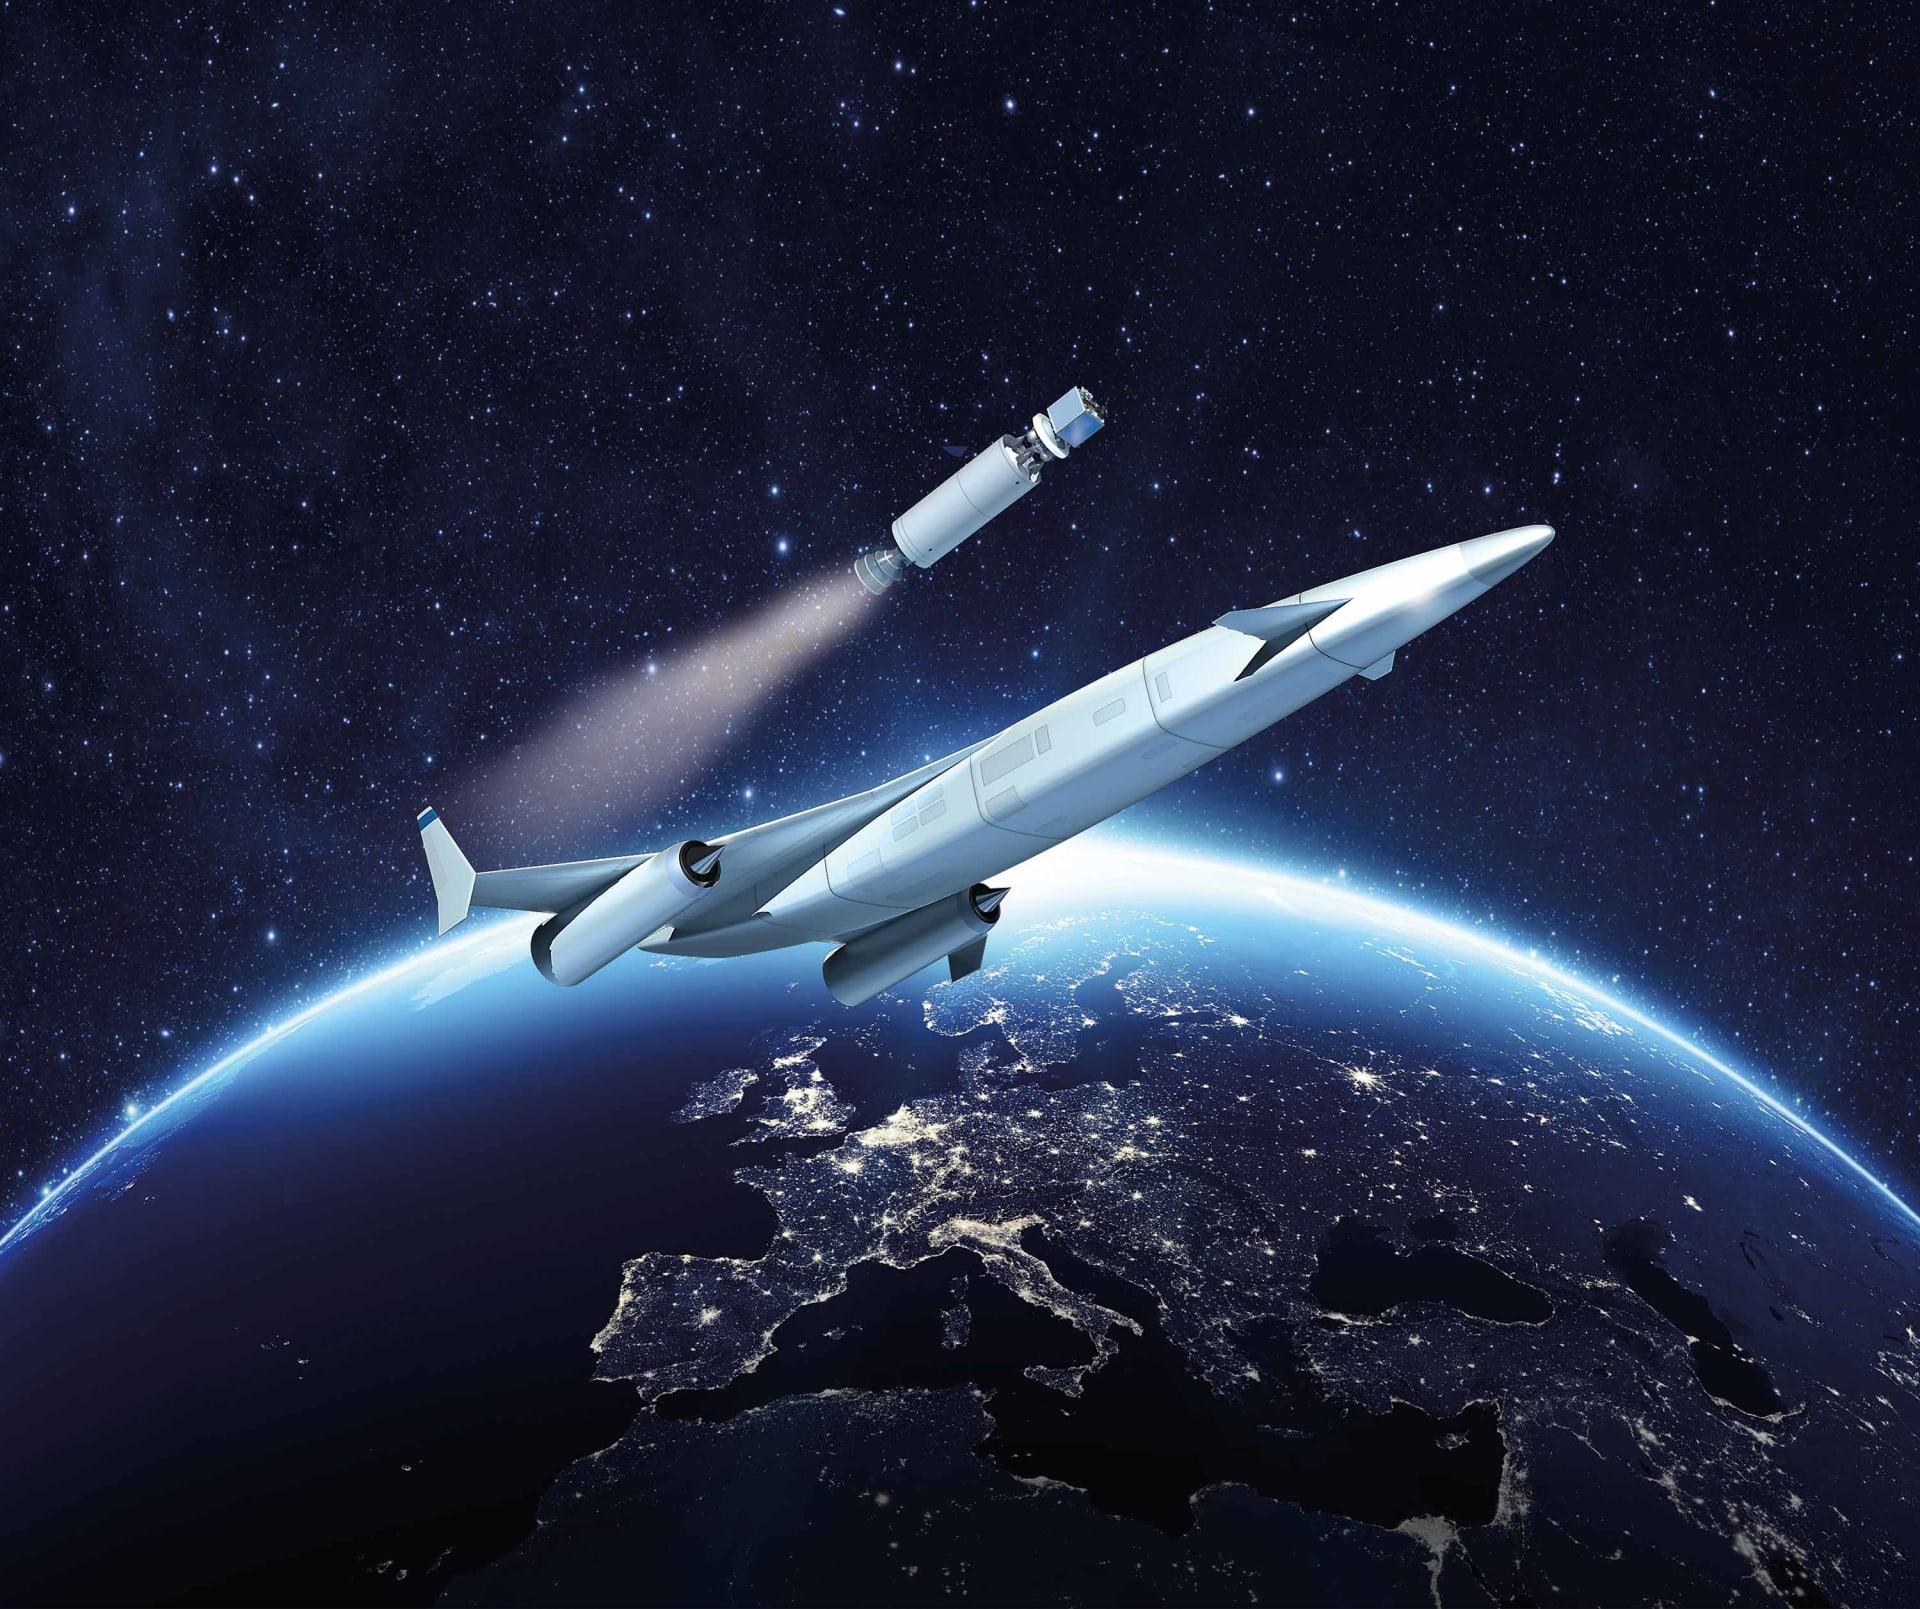 طائرة فضائية أسرع من الصوت تتعهد برحلة مدتها 4 ساعات من لندن إلى سيدني بحلول عام 2030